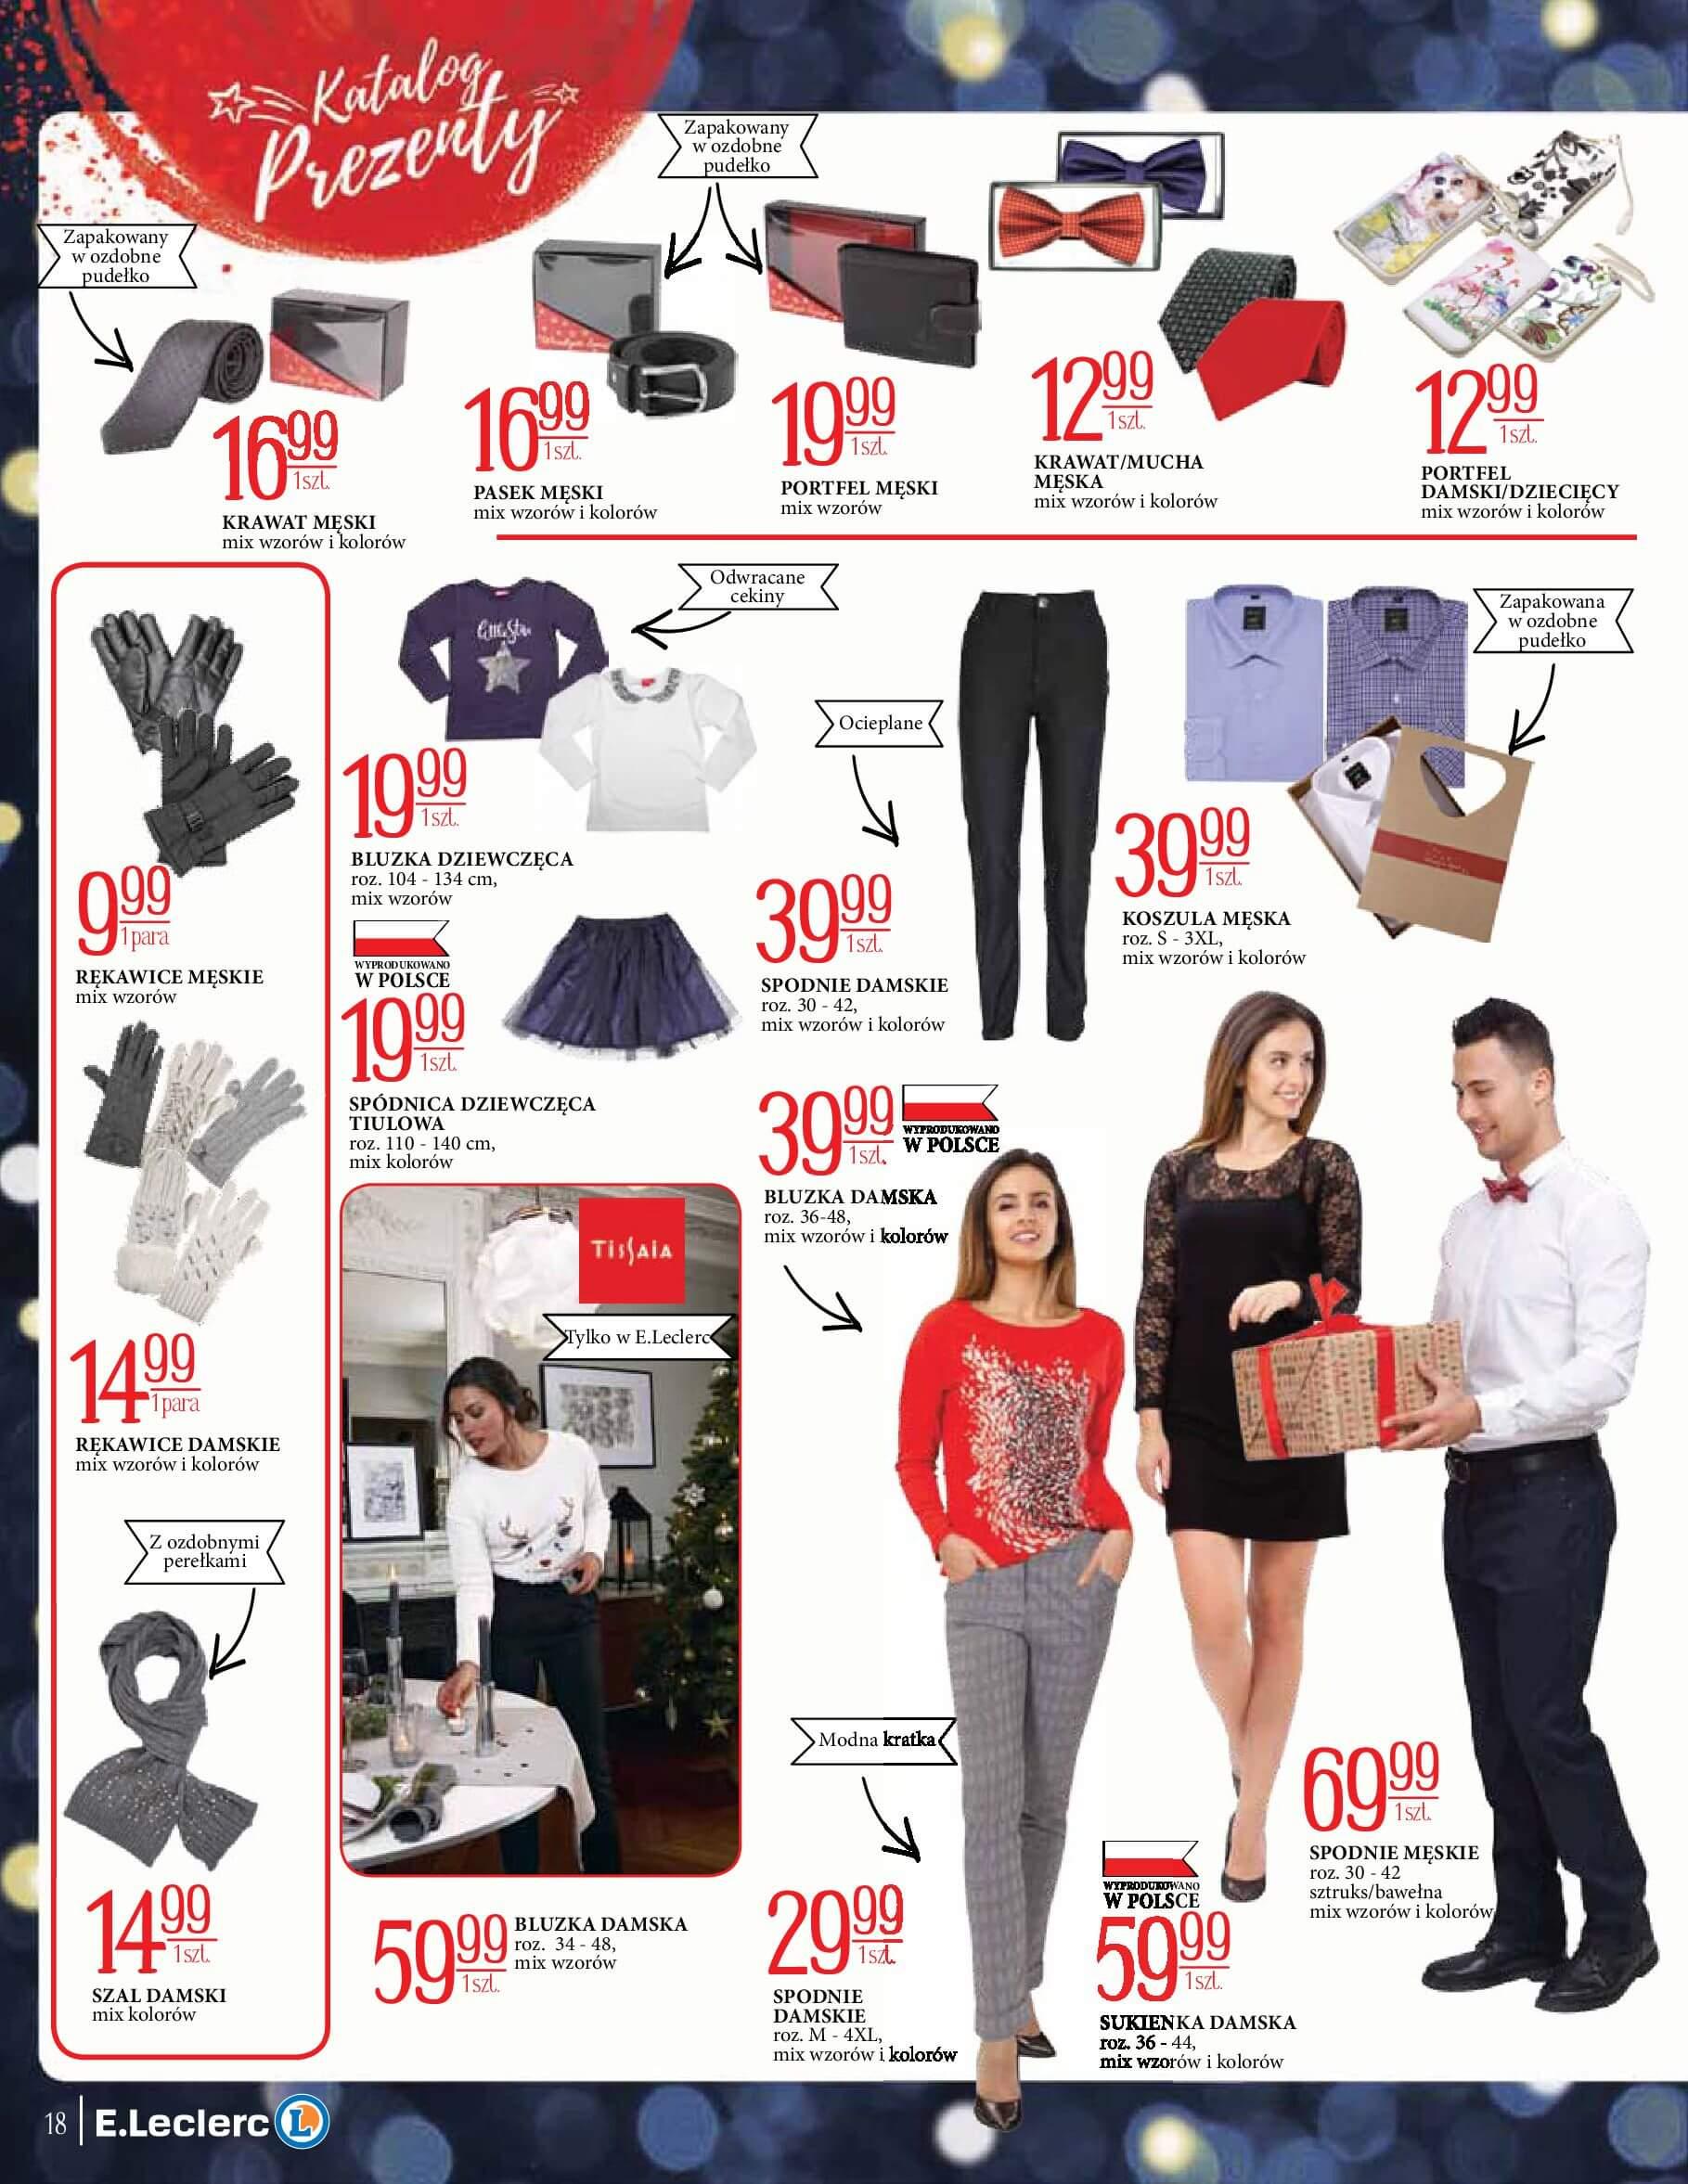 Gazetka E.Leclerc - Katalog Prezenty-03.12.2018-16.12.2018-page-